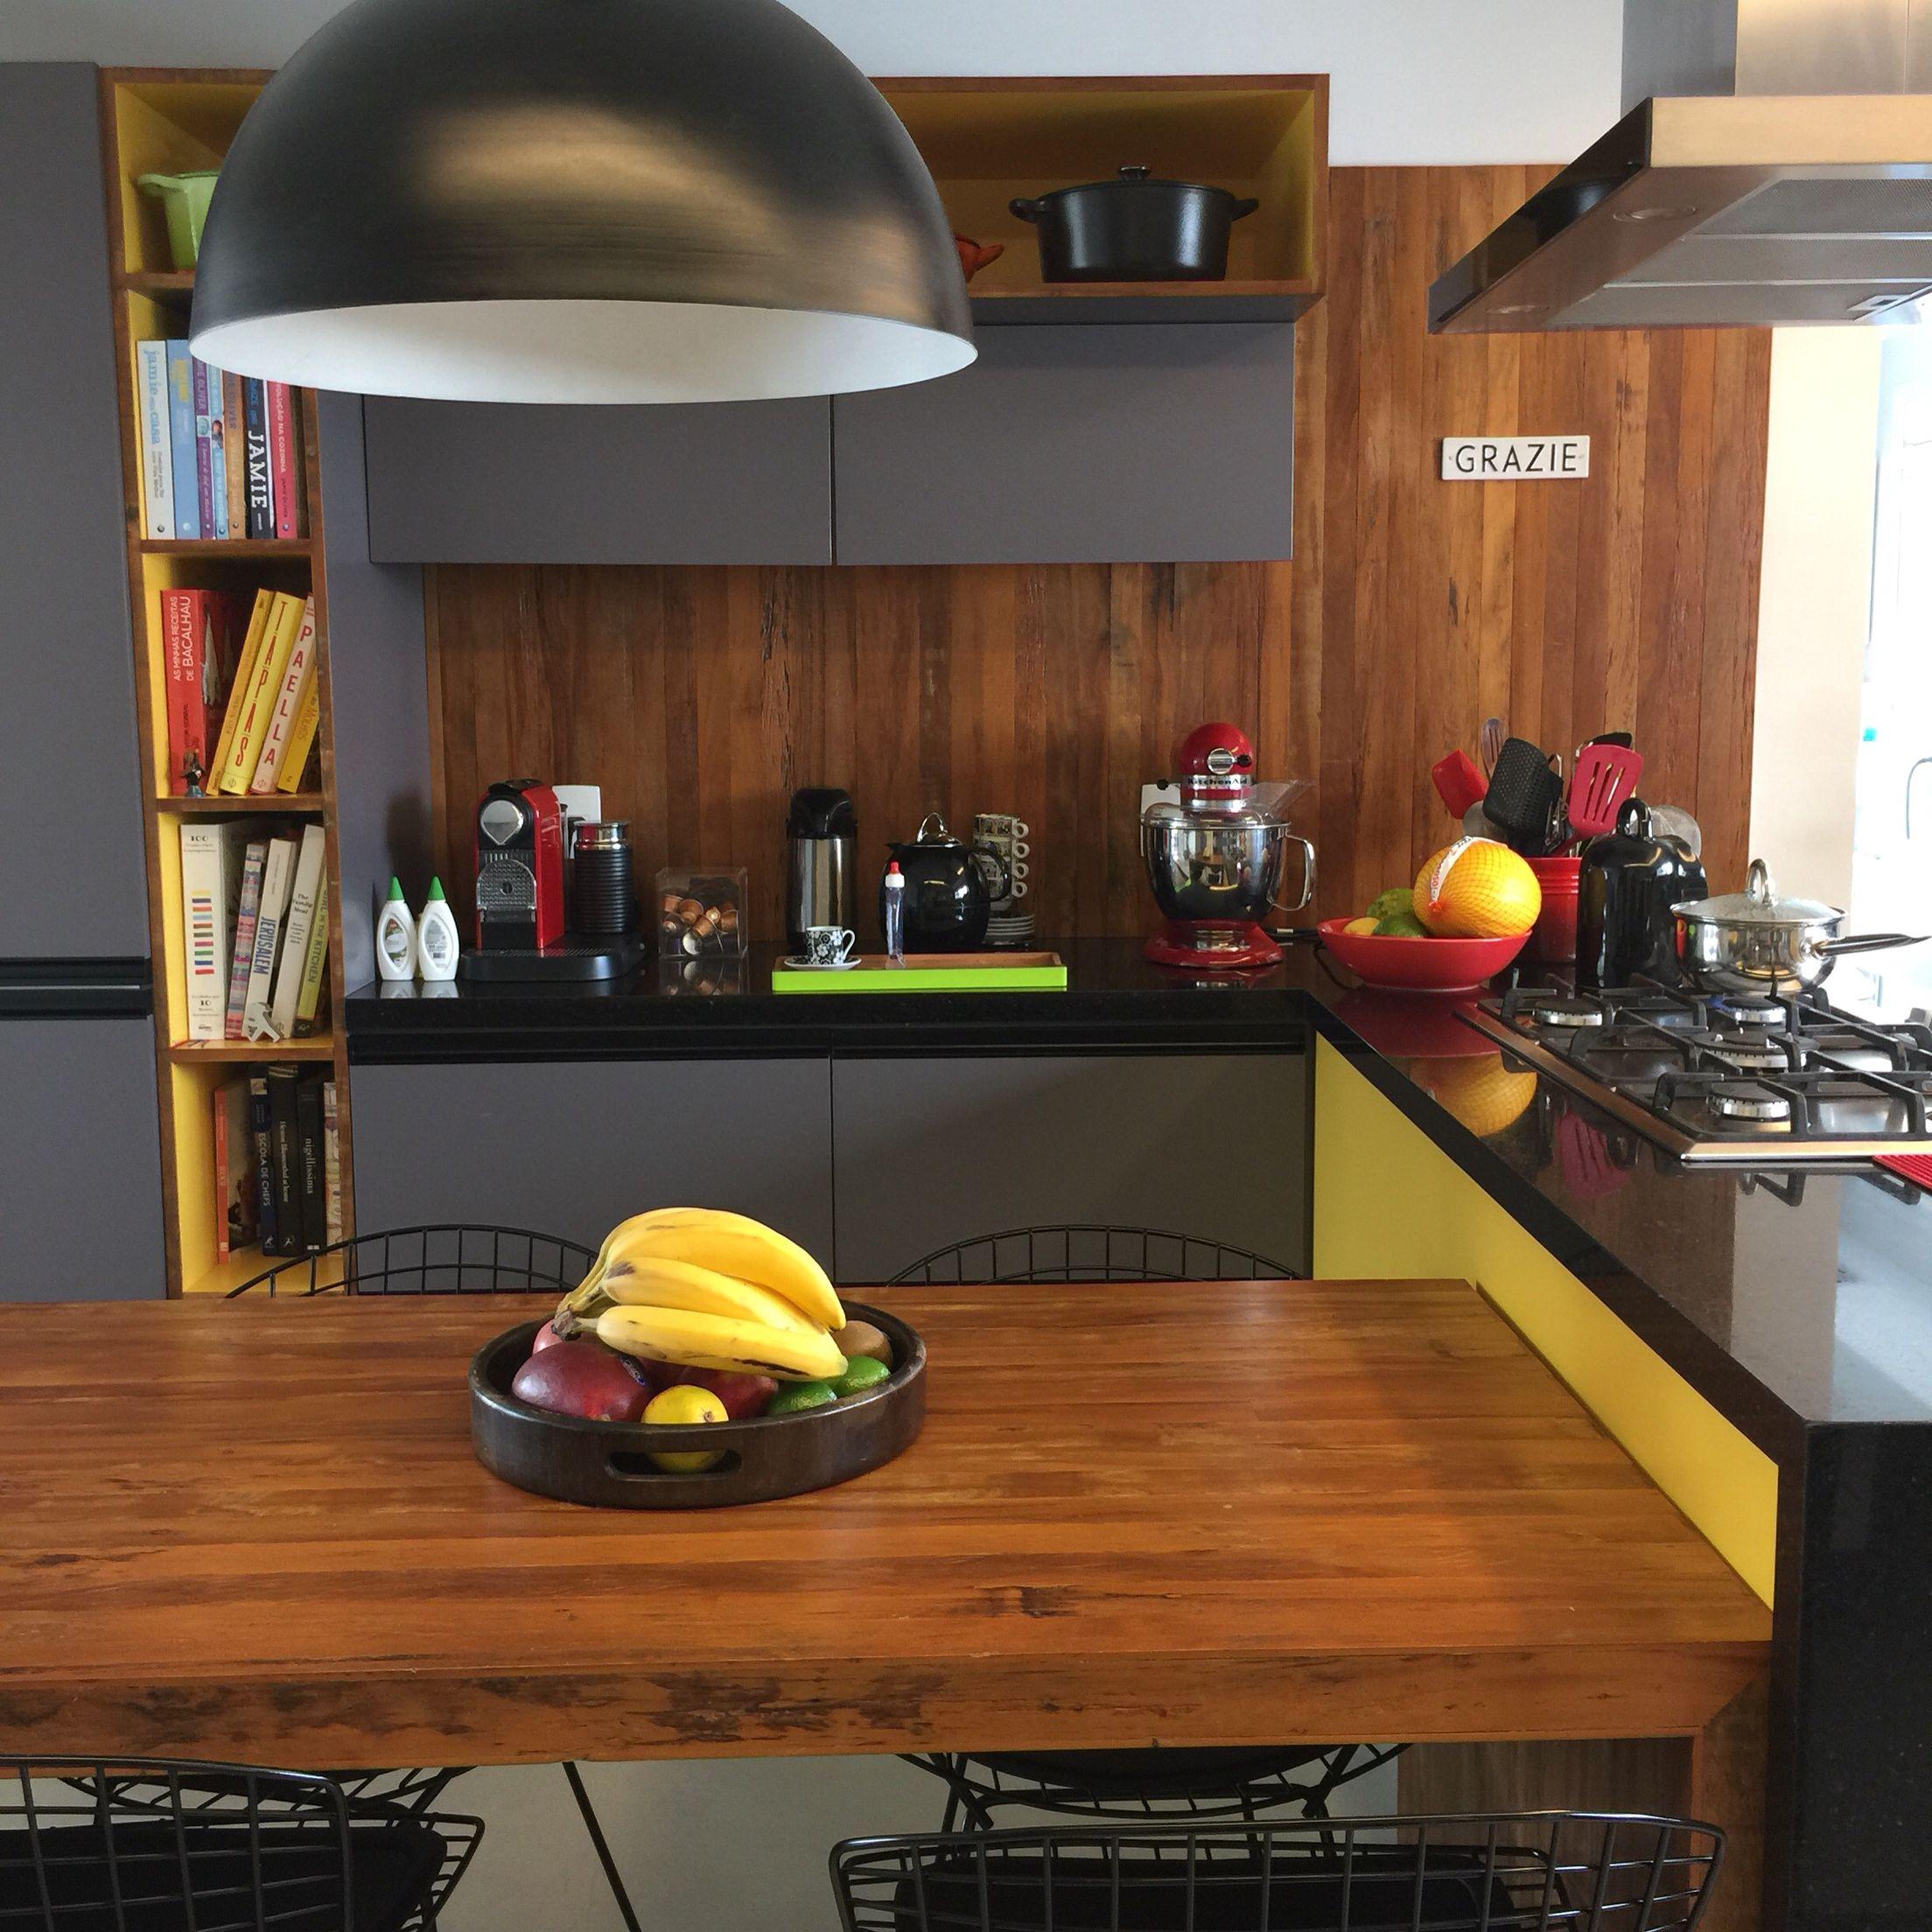 Cozinha em tons de cinza e amarelo projetada pela arquiteta Karen Pisacane